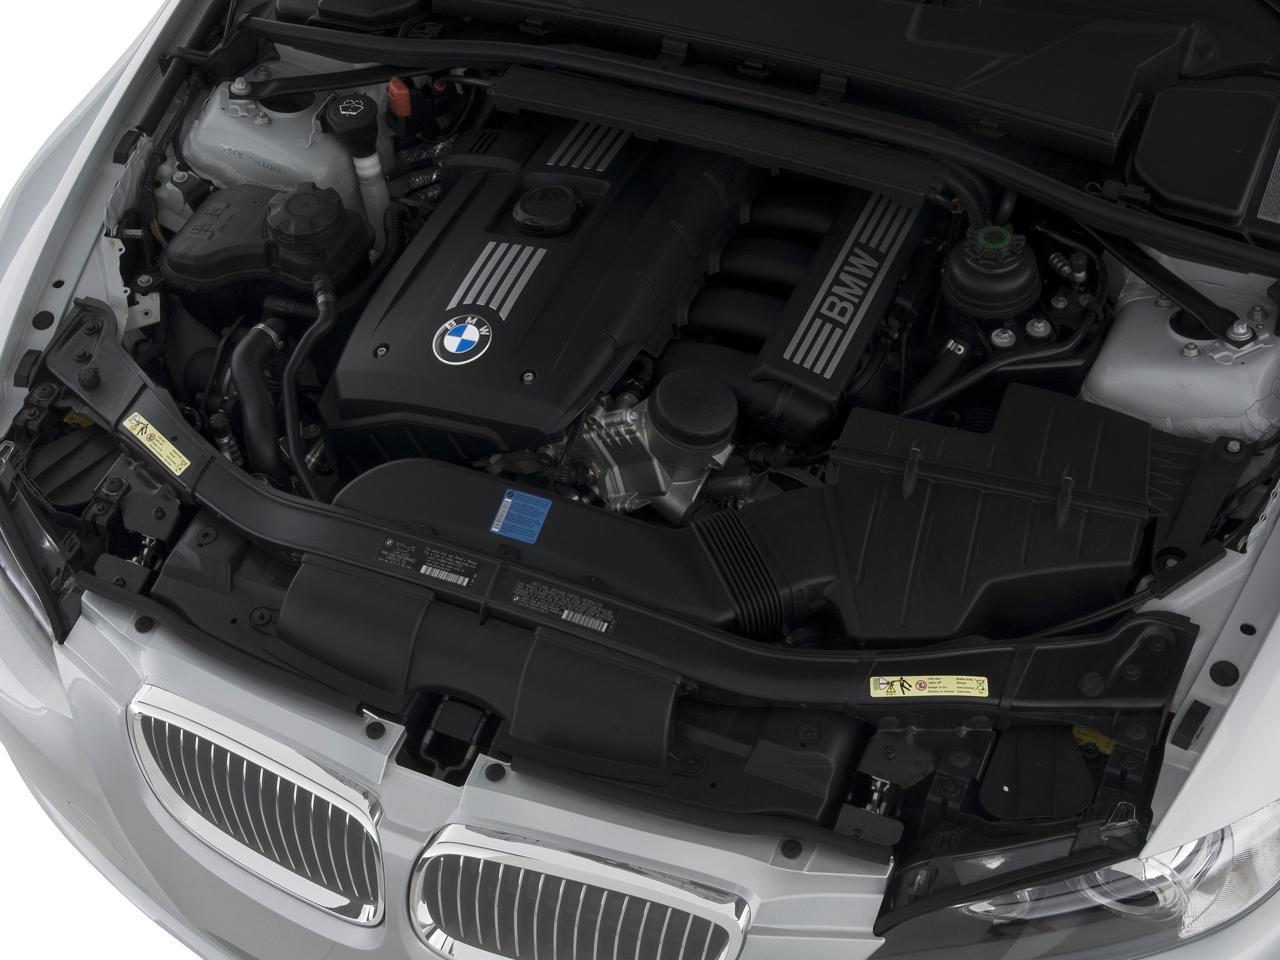 2009 BMW 328i - BMW Luxury Sport Sedan Review - Automobile